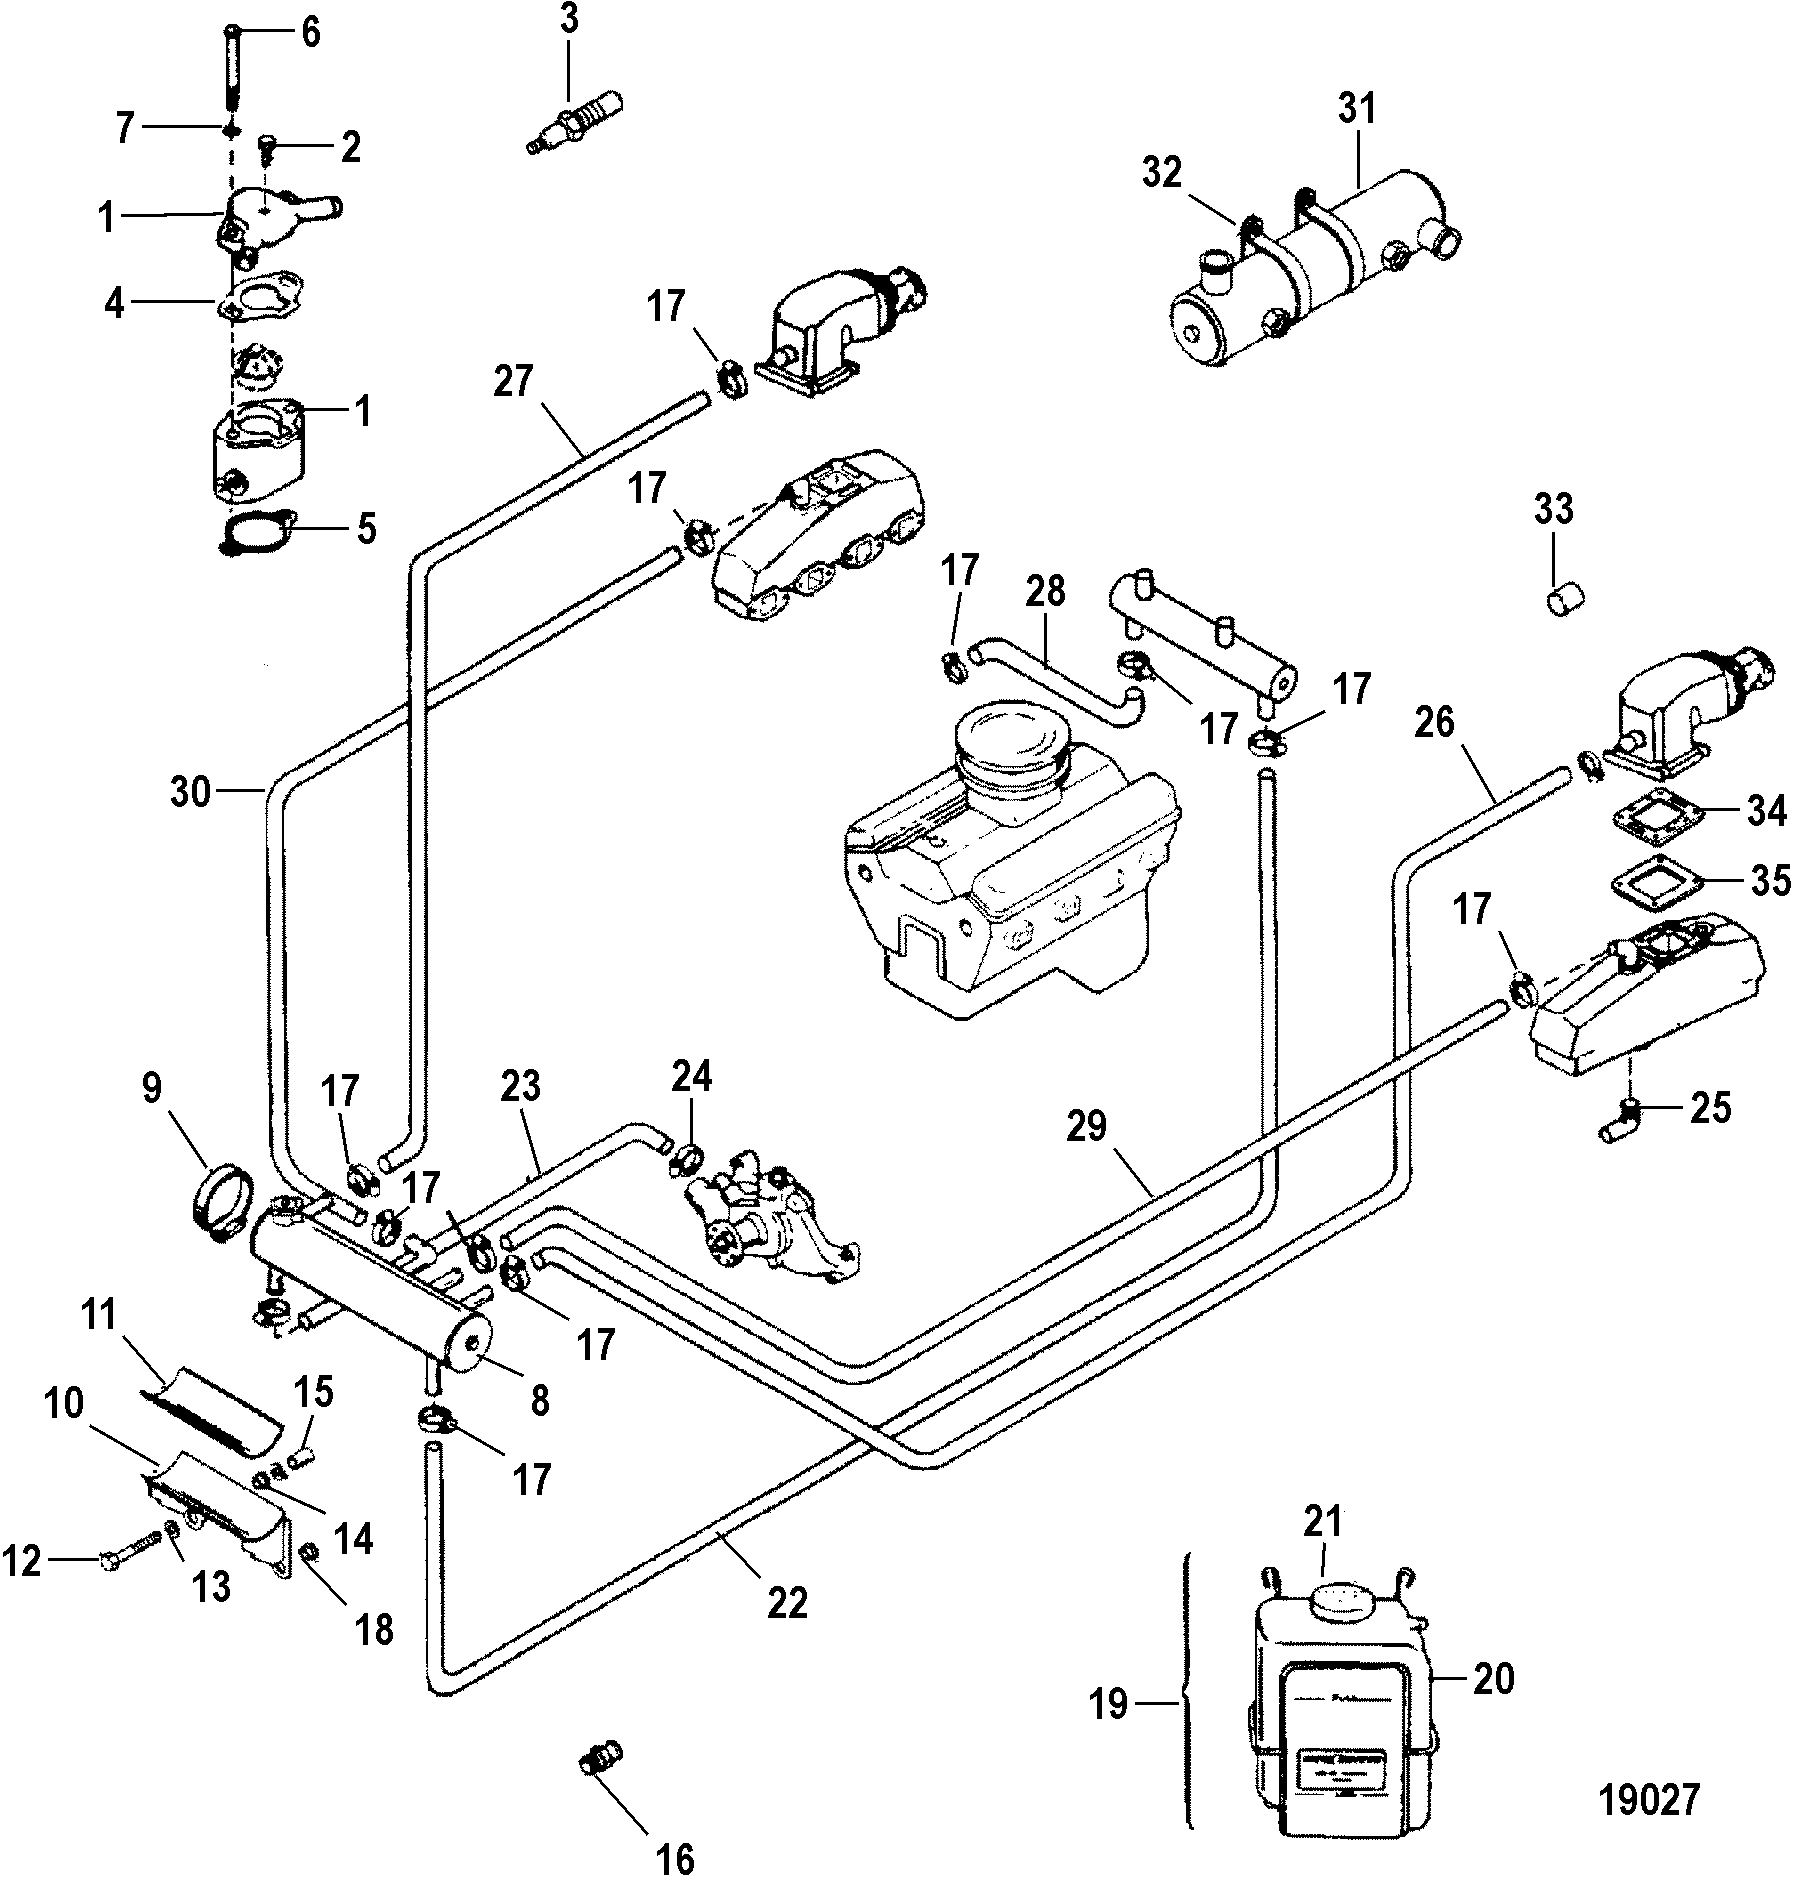 2001 Freightliner Motorhome Wiring Diagrams Diagram